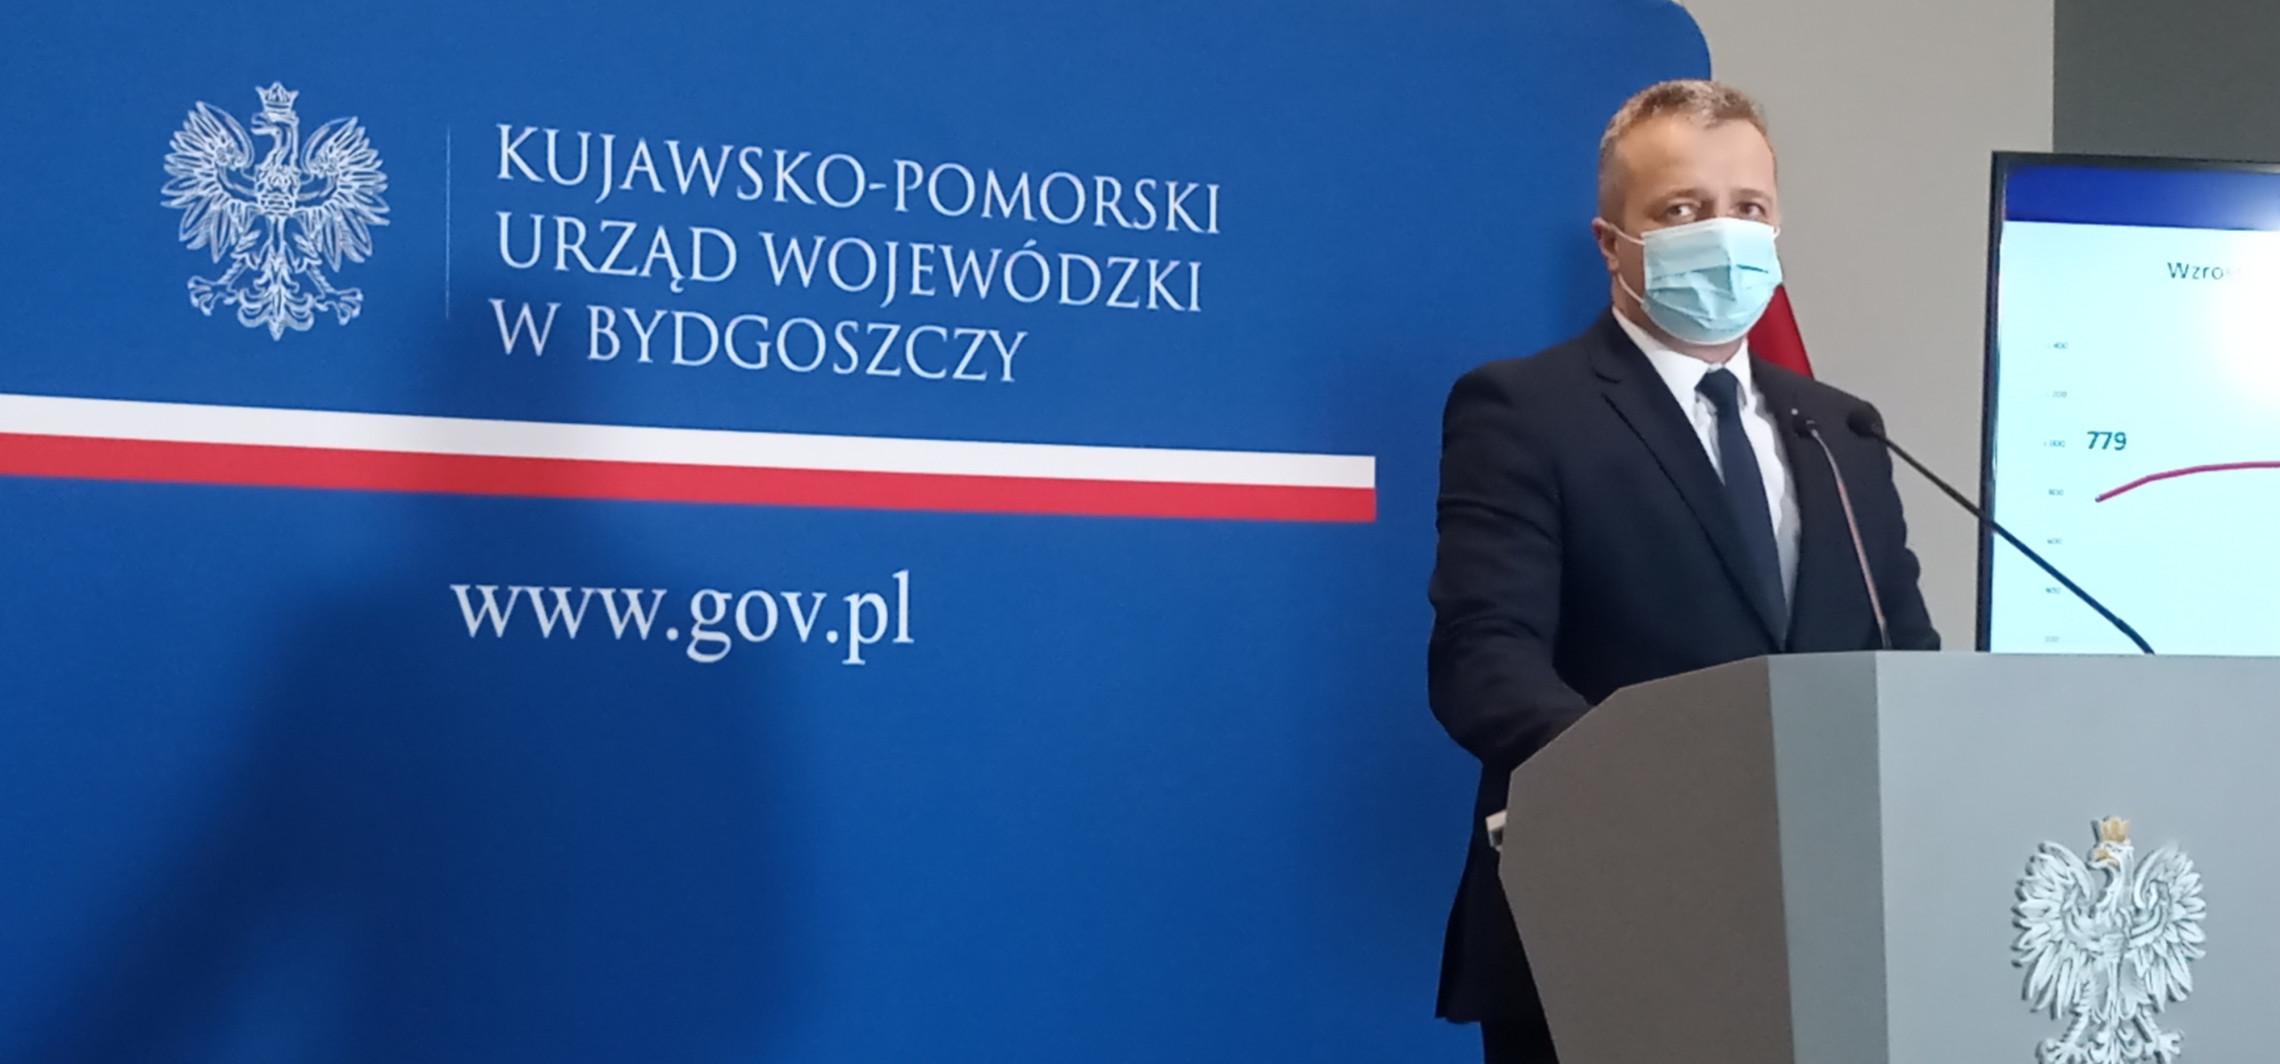 Kujawsko-Pomorskie - Program szczepień przyspiesza. W regionie będzie więcej punktów